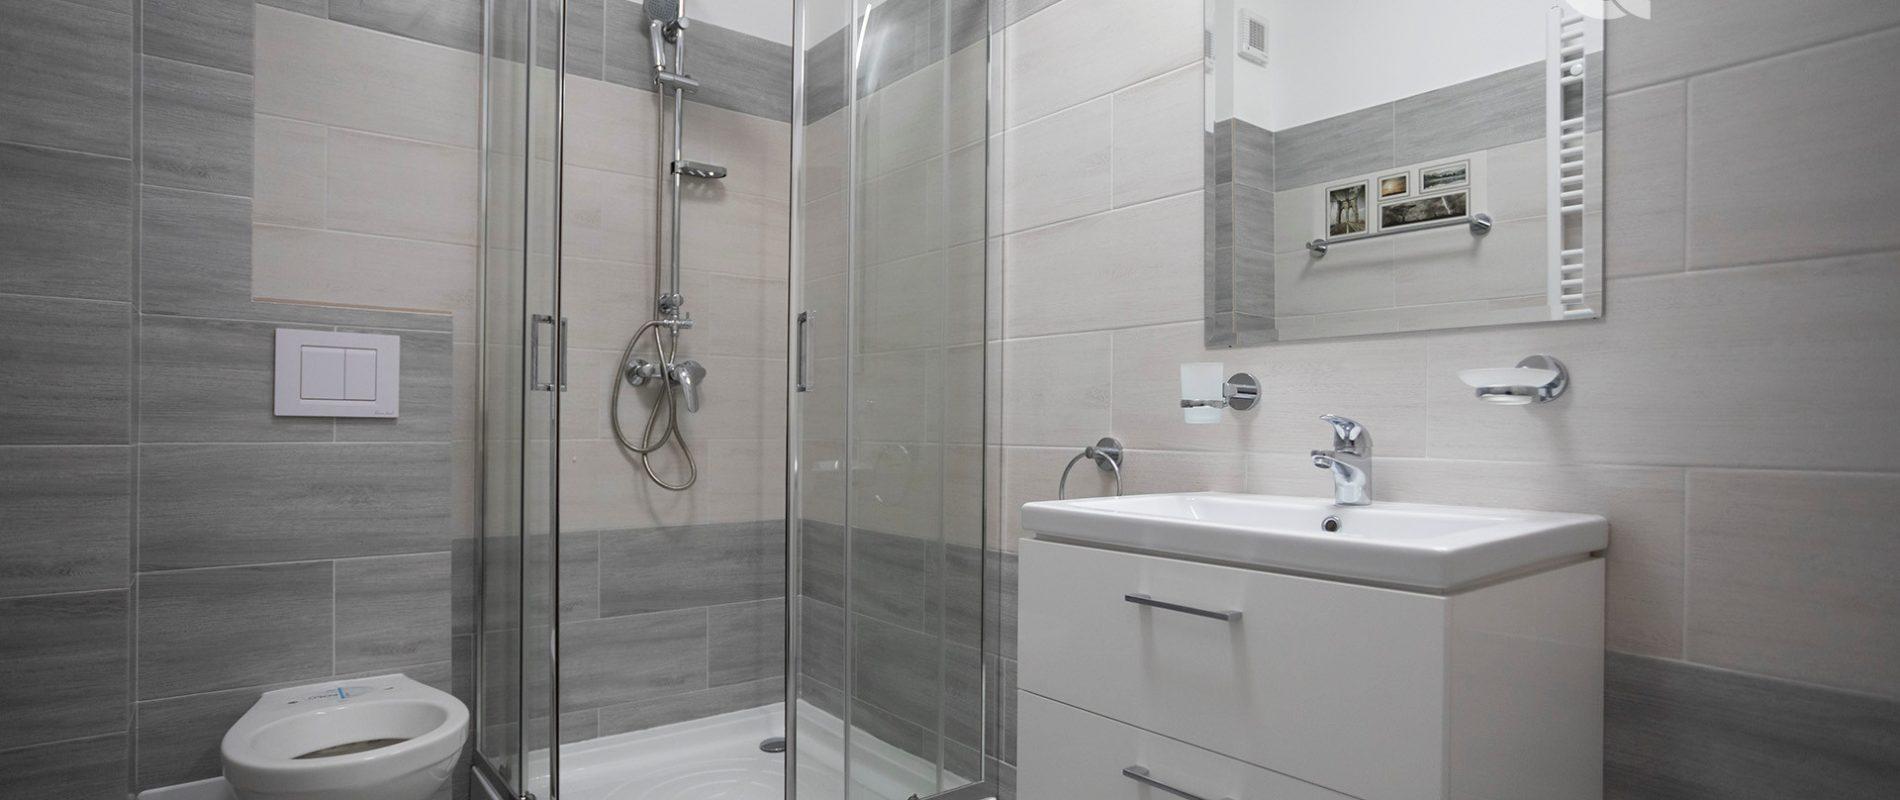 q-residence.ro-apartament-cu-doua-camere-baie-04